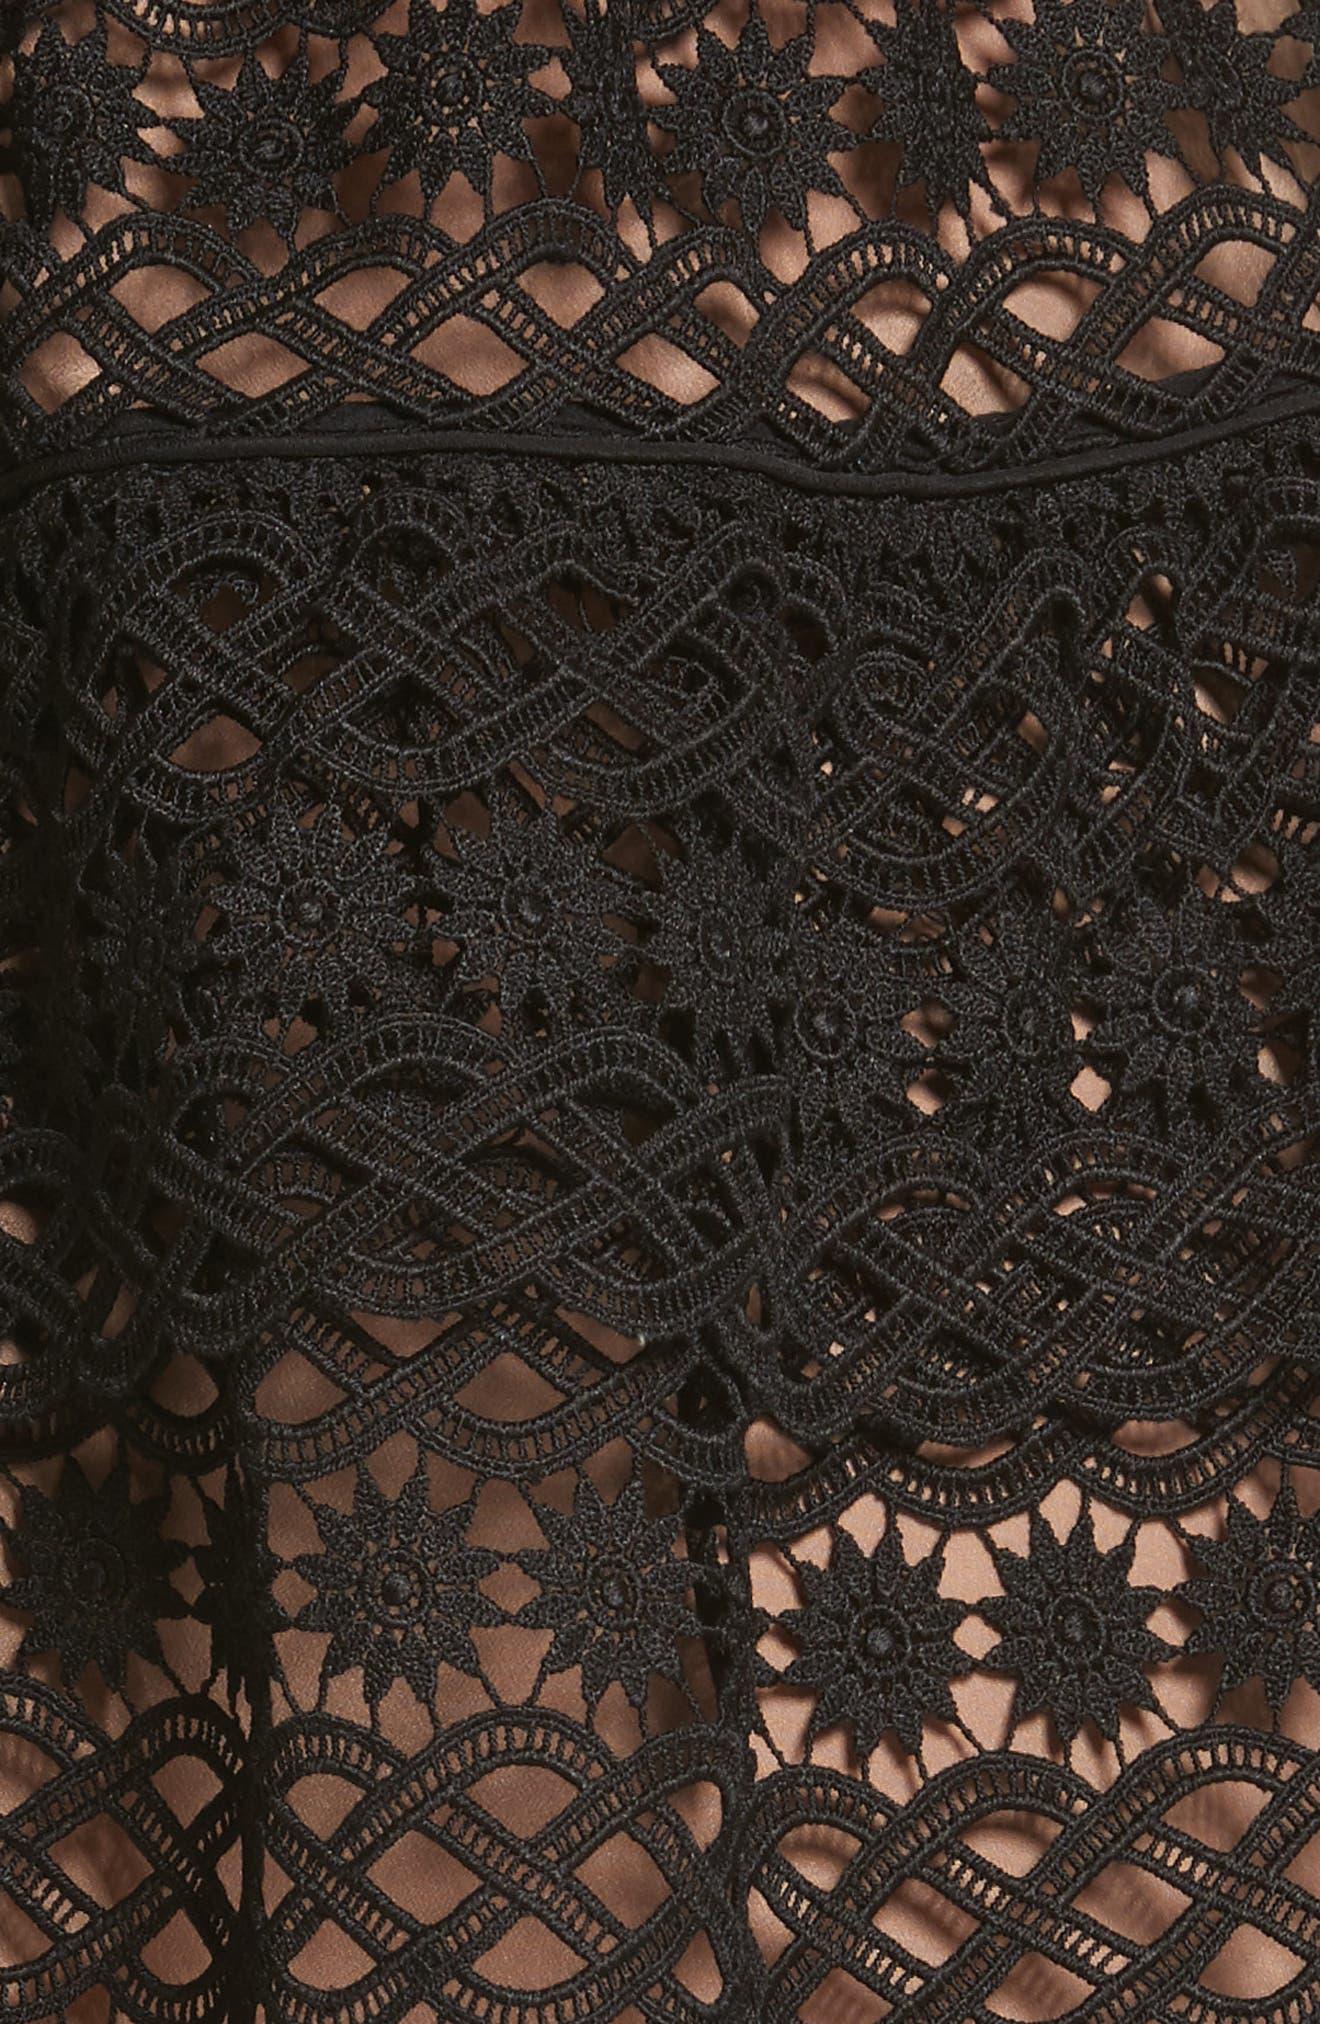 Floral Chain Lace One-Shoulder Dress,                             Alternate thumbnail 5, color,                             001